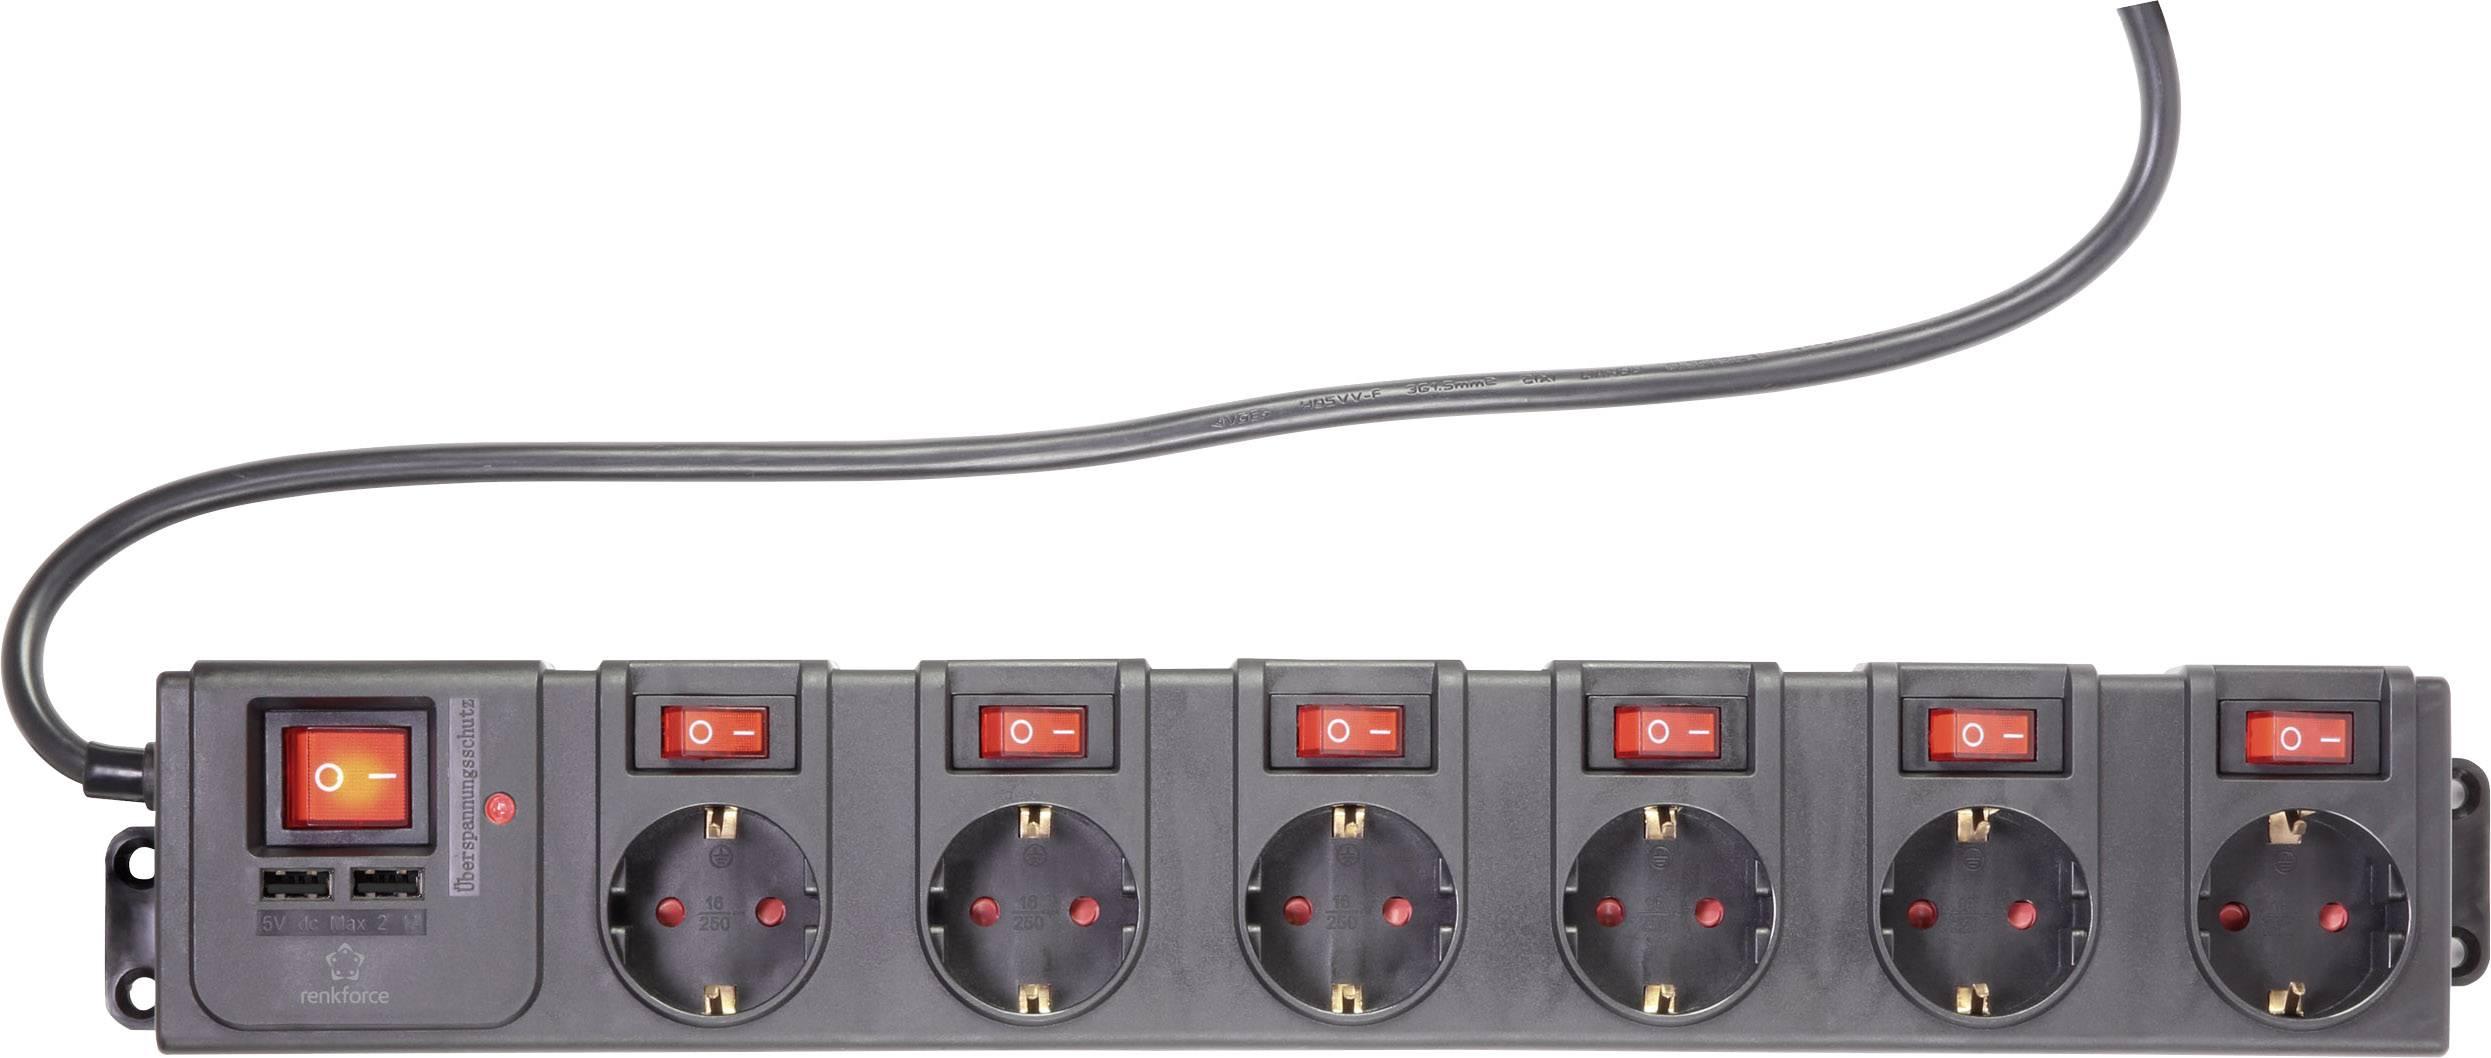 Zásuvková lišta s přepěťovou ochranou Renkforce 615C-CMB-SUSB RF-3313344, počet zásuvek 6, IP20, 1.50 m, černá